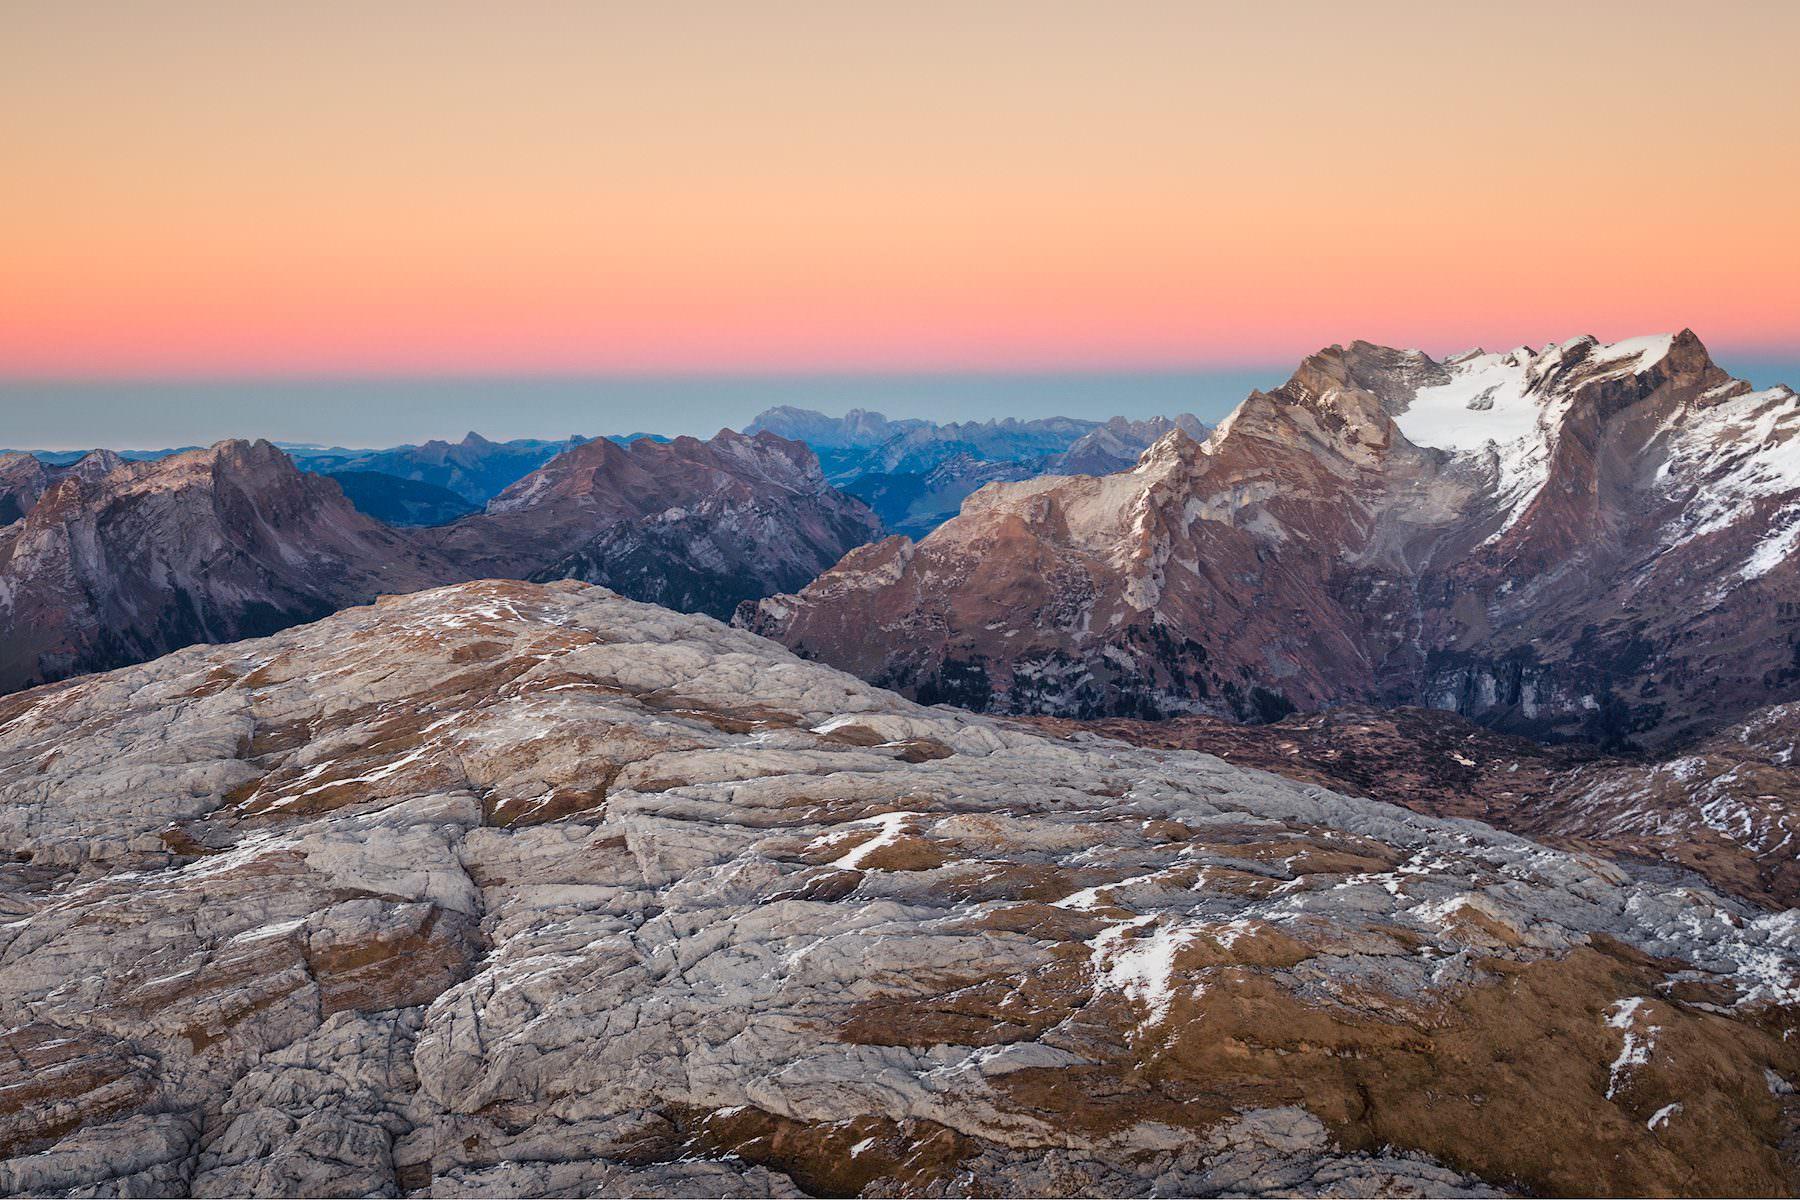 After Sunset Glow - Blick über die Silberen Richtung Glärnisch & Vrenelis Gärtli